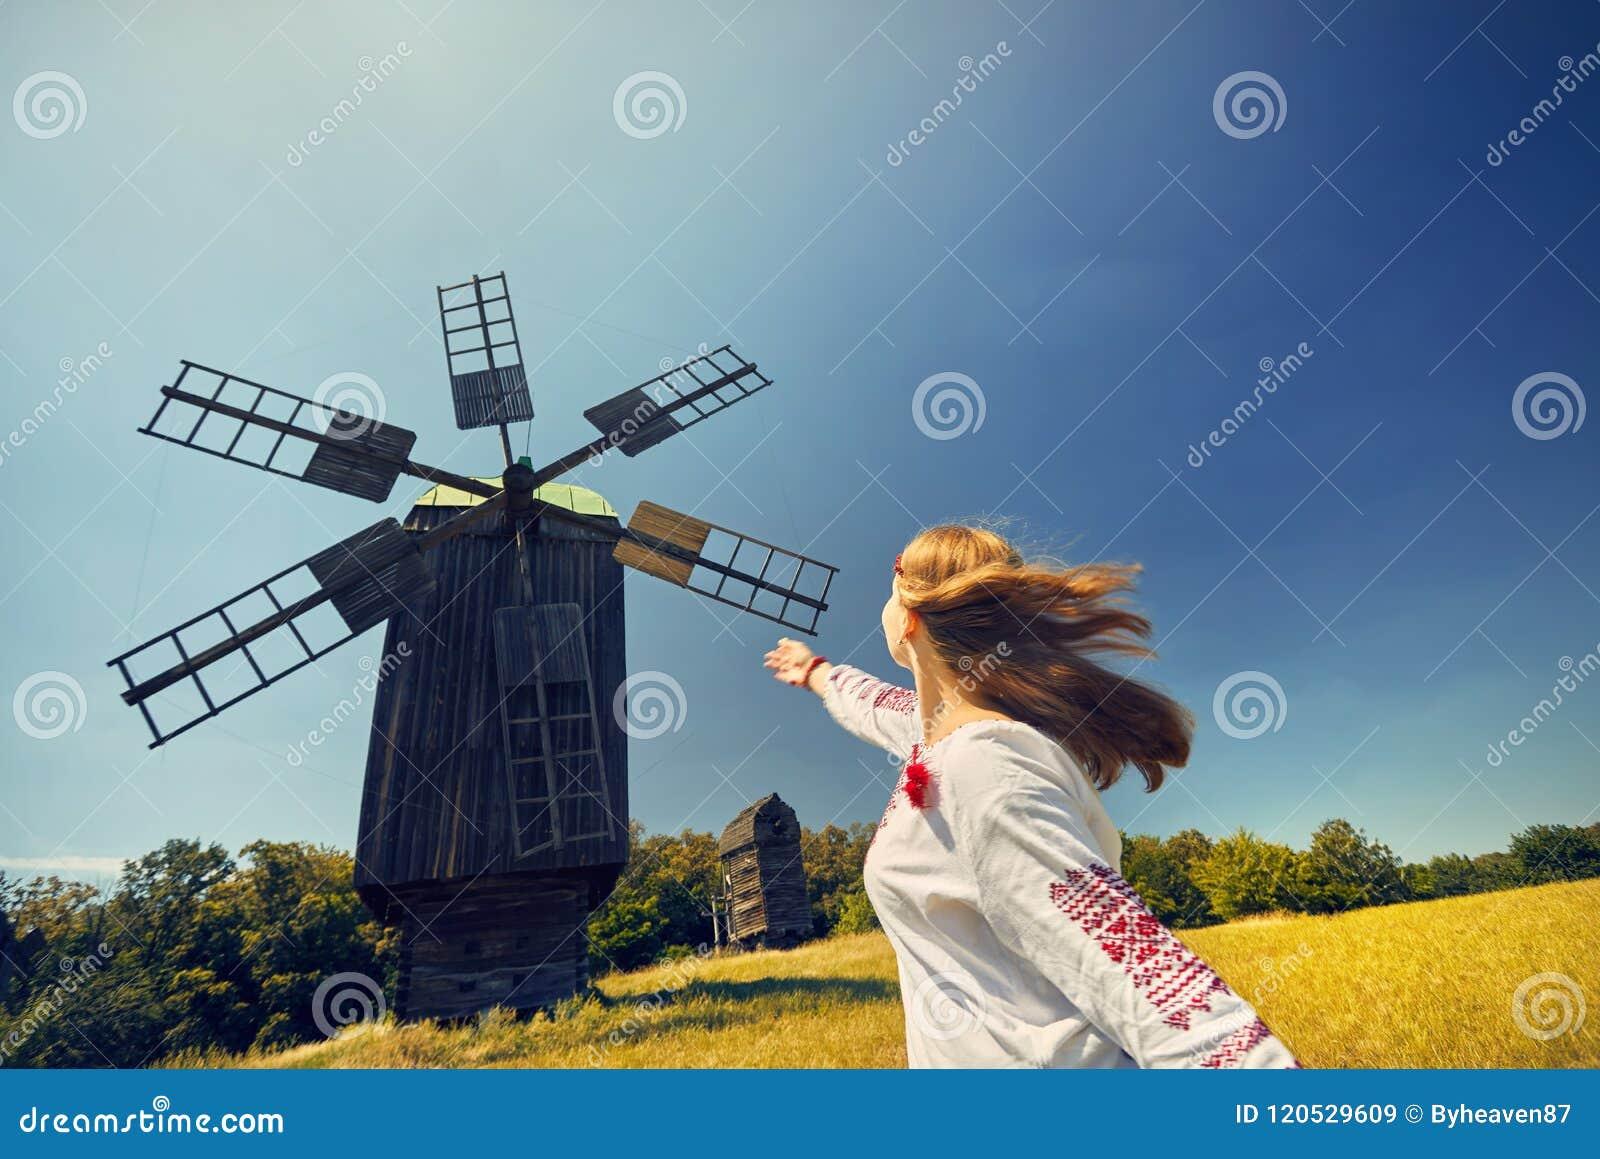 Mulher ucraniana no traje étnico